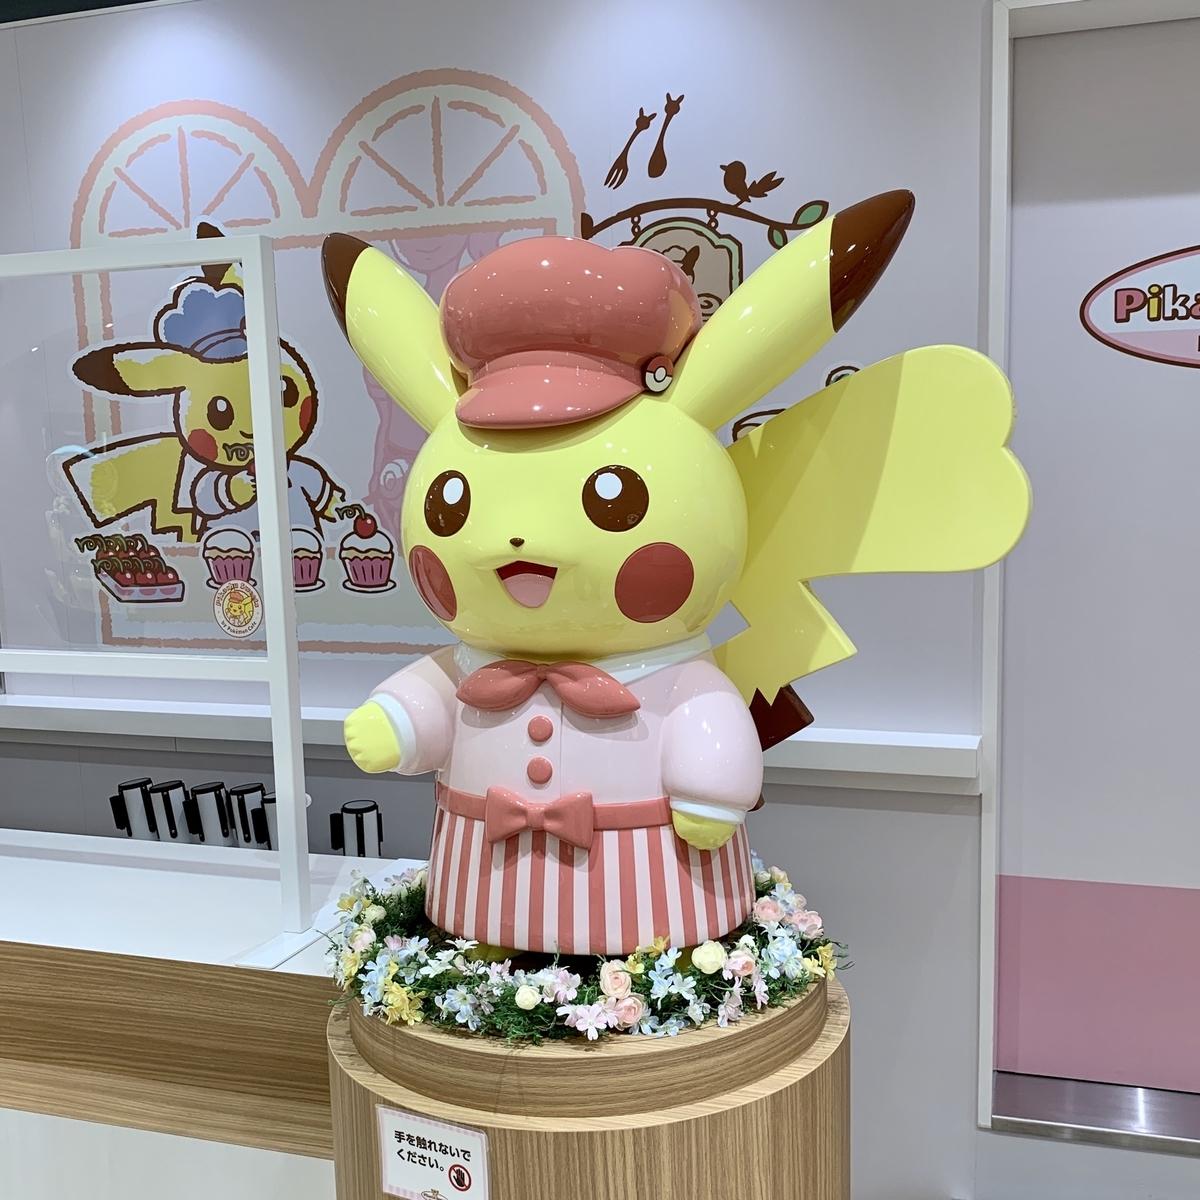 f:id:pikachu_pcn:20200606185549j:plain